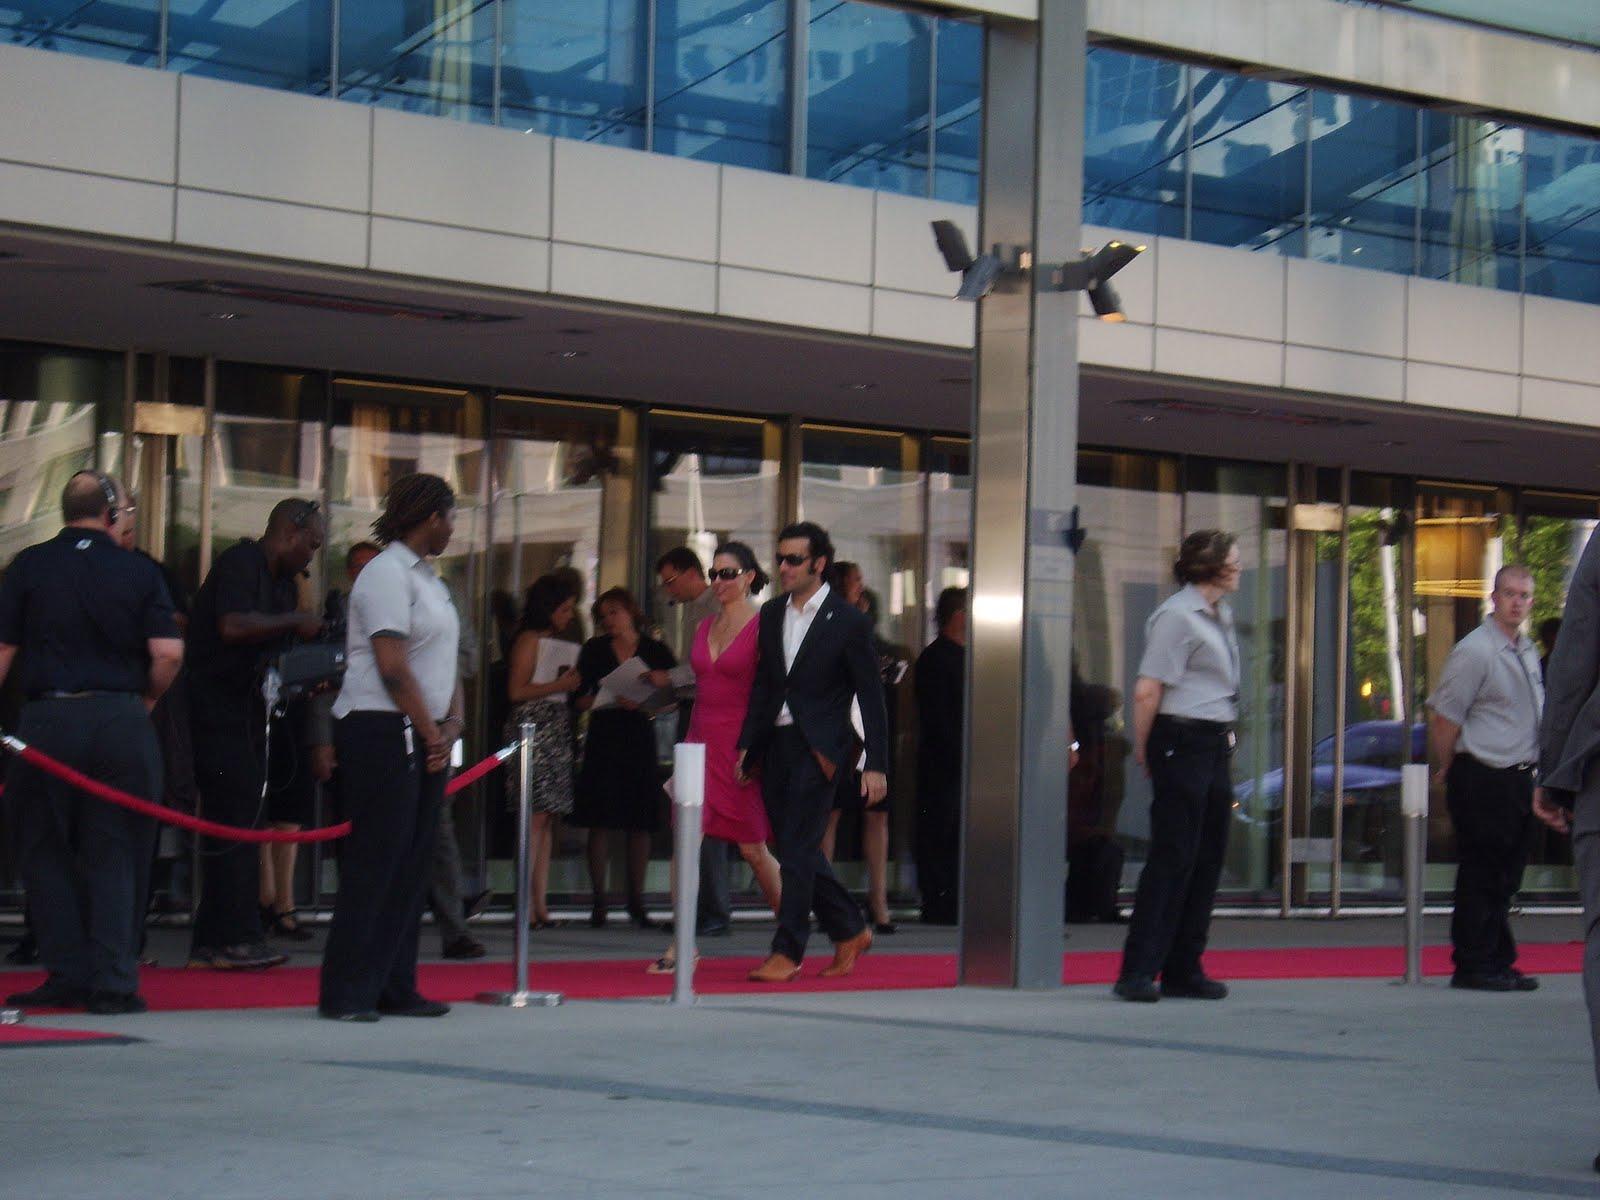 http://1.bp.blogspot.com/-5ZXwpWBKldA/TeqmiP_uq-I/AAAAAAAABGc/lzt_BUsi5eU/s1600/DASHLEY+%2527N+ASHLEY%252C+2011-I500+Banquet.JPG